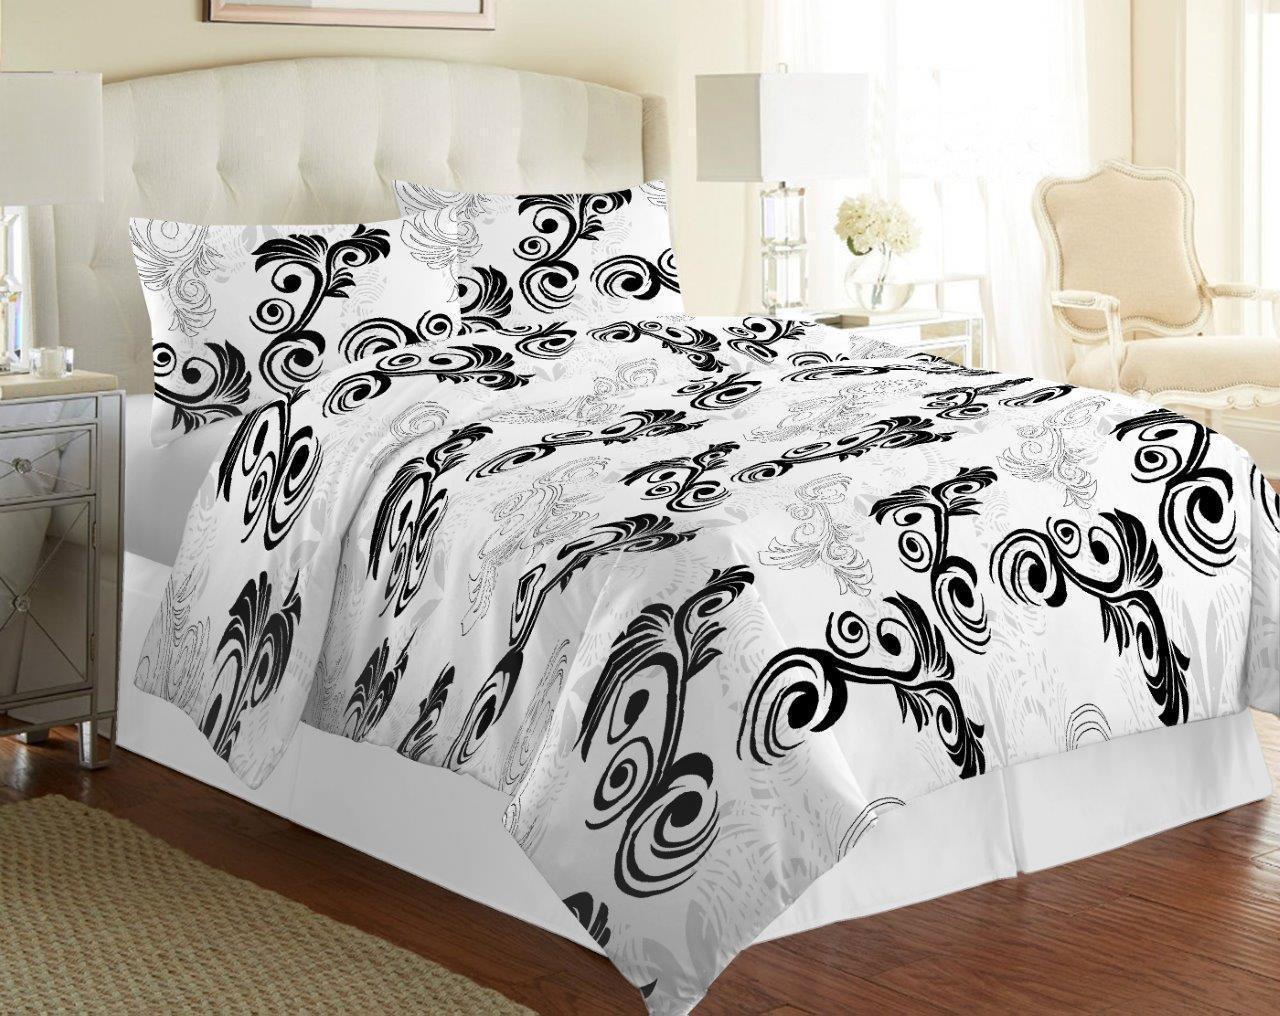 Комплект постельного белья Акапулько, полуторное